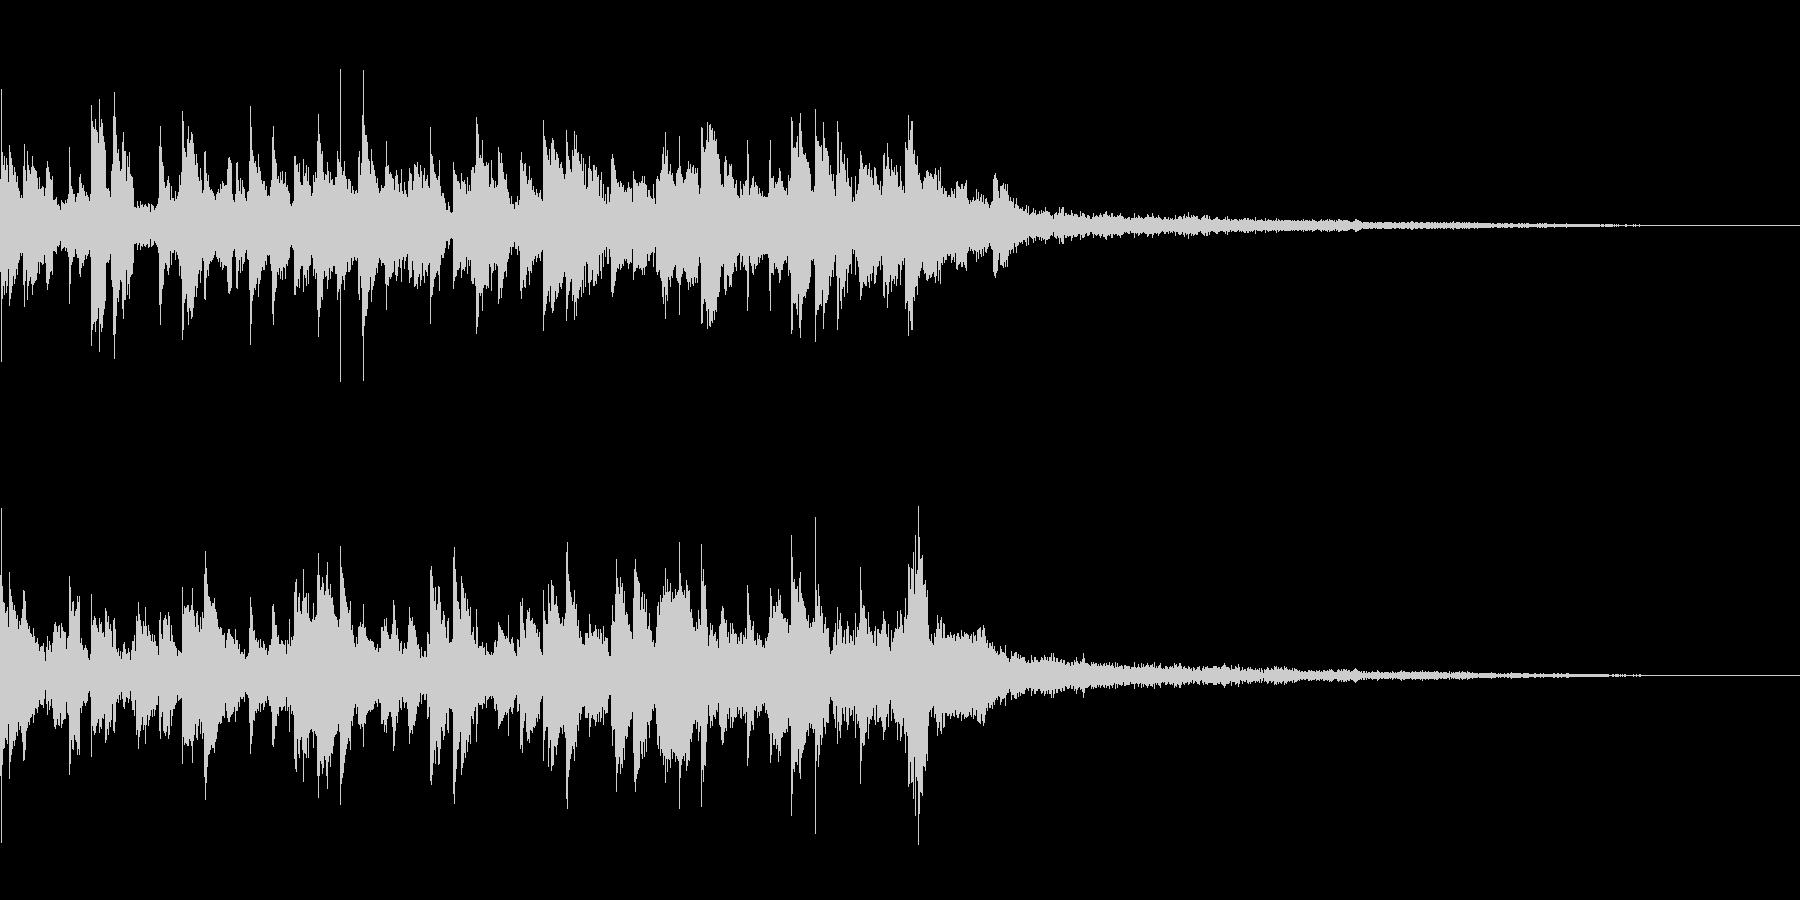 アイキャッチ 34の未再生の波形